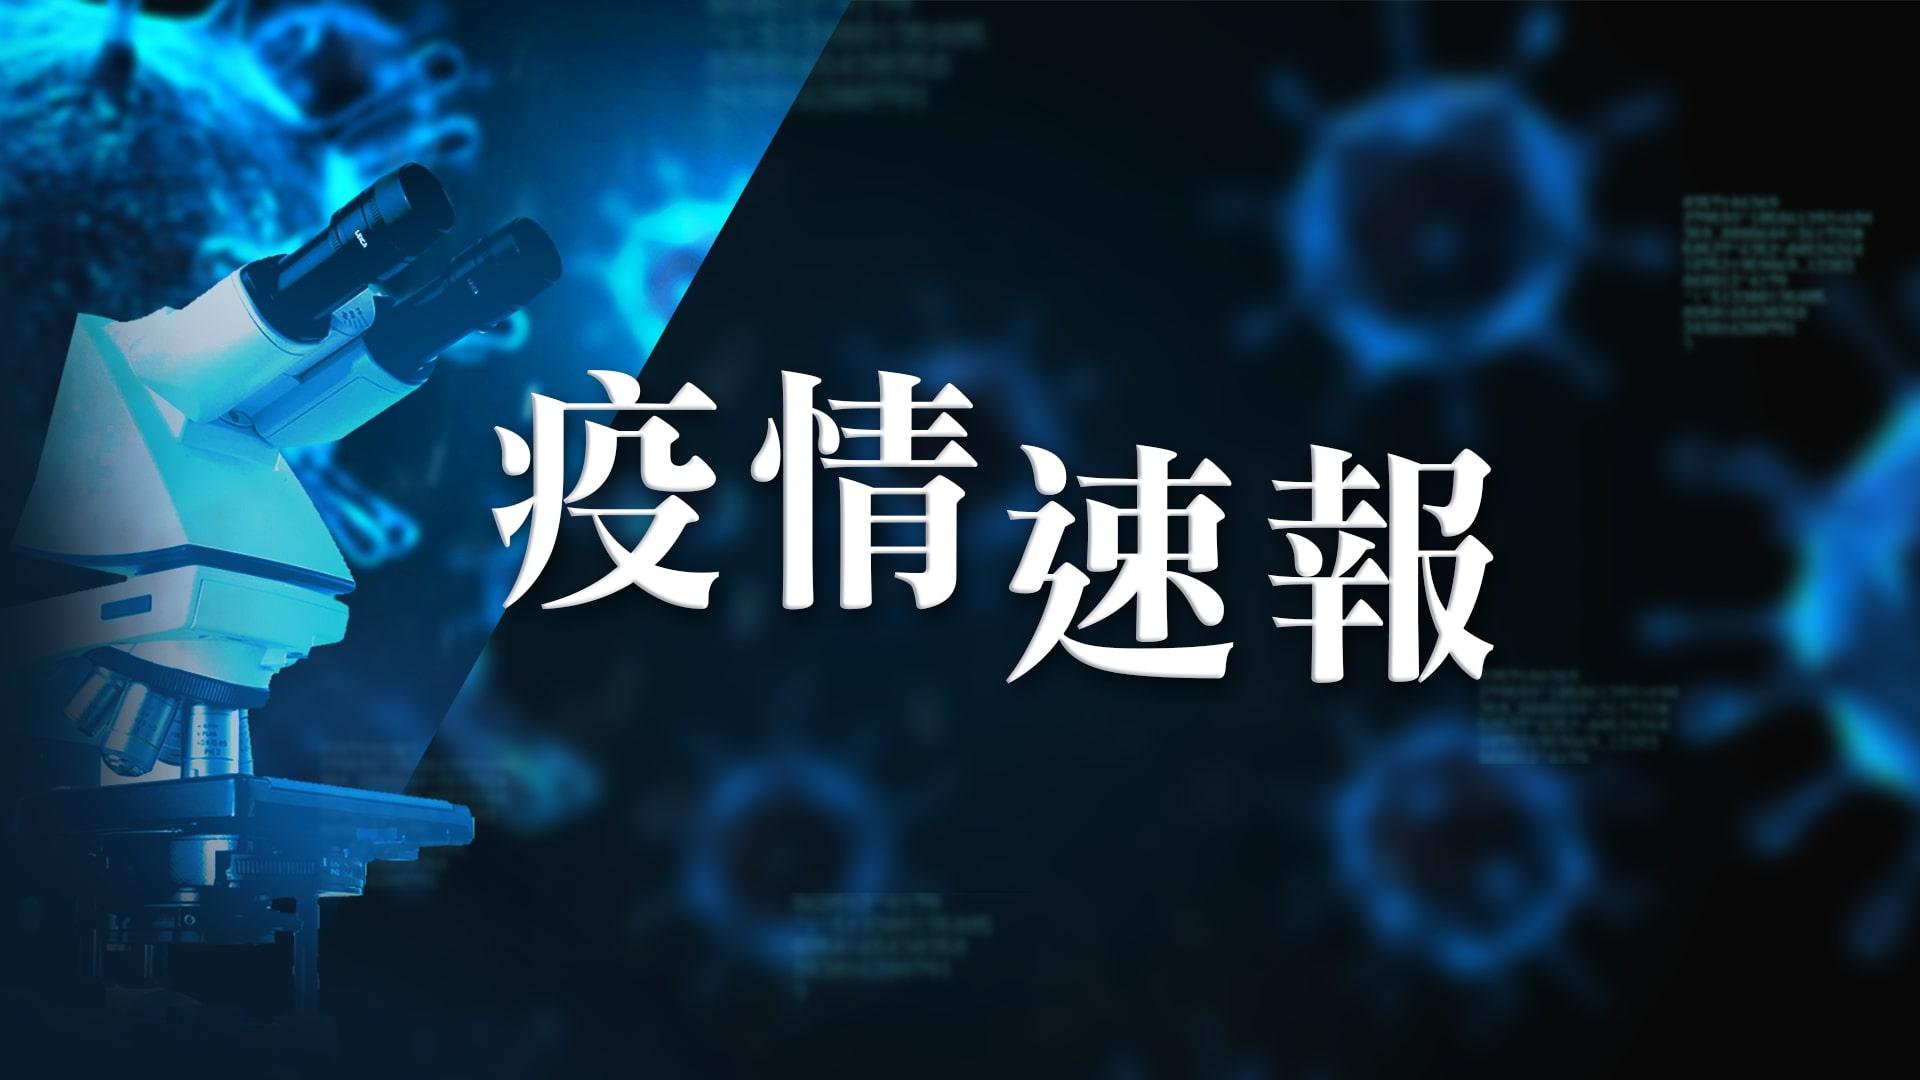 【3月13日疫情速報】(23:30)